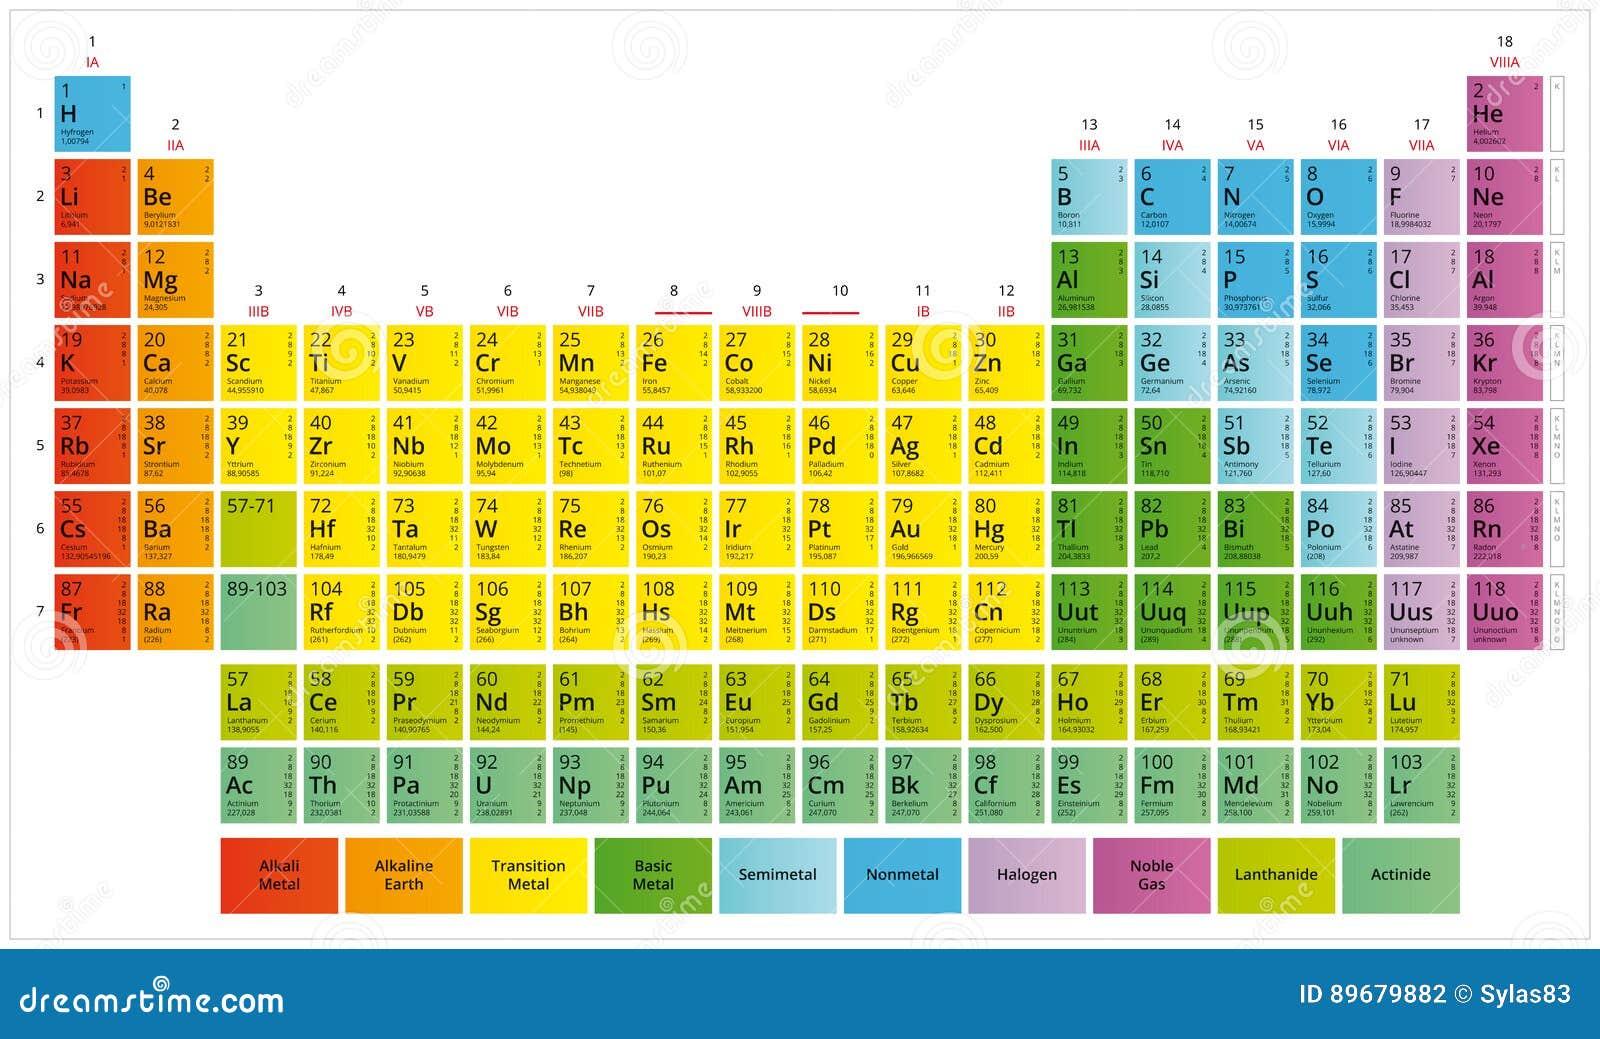 Tabella periodica della tavola del s di mendeleev degli elementi chimici illustrazione - Tavola chimica degli elementi ...